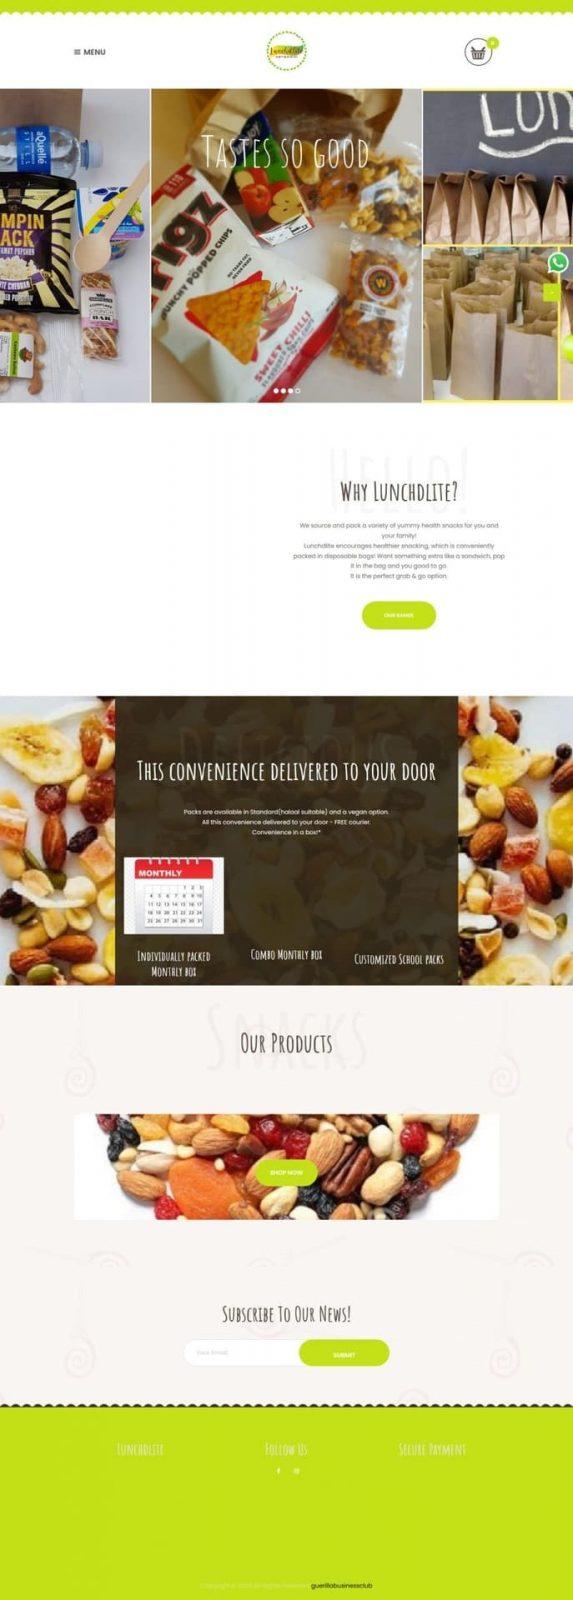 Lunchdlite website screenshot for a portfolio of Business category